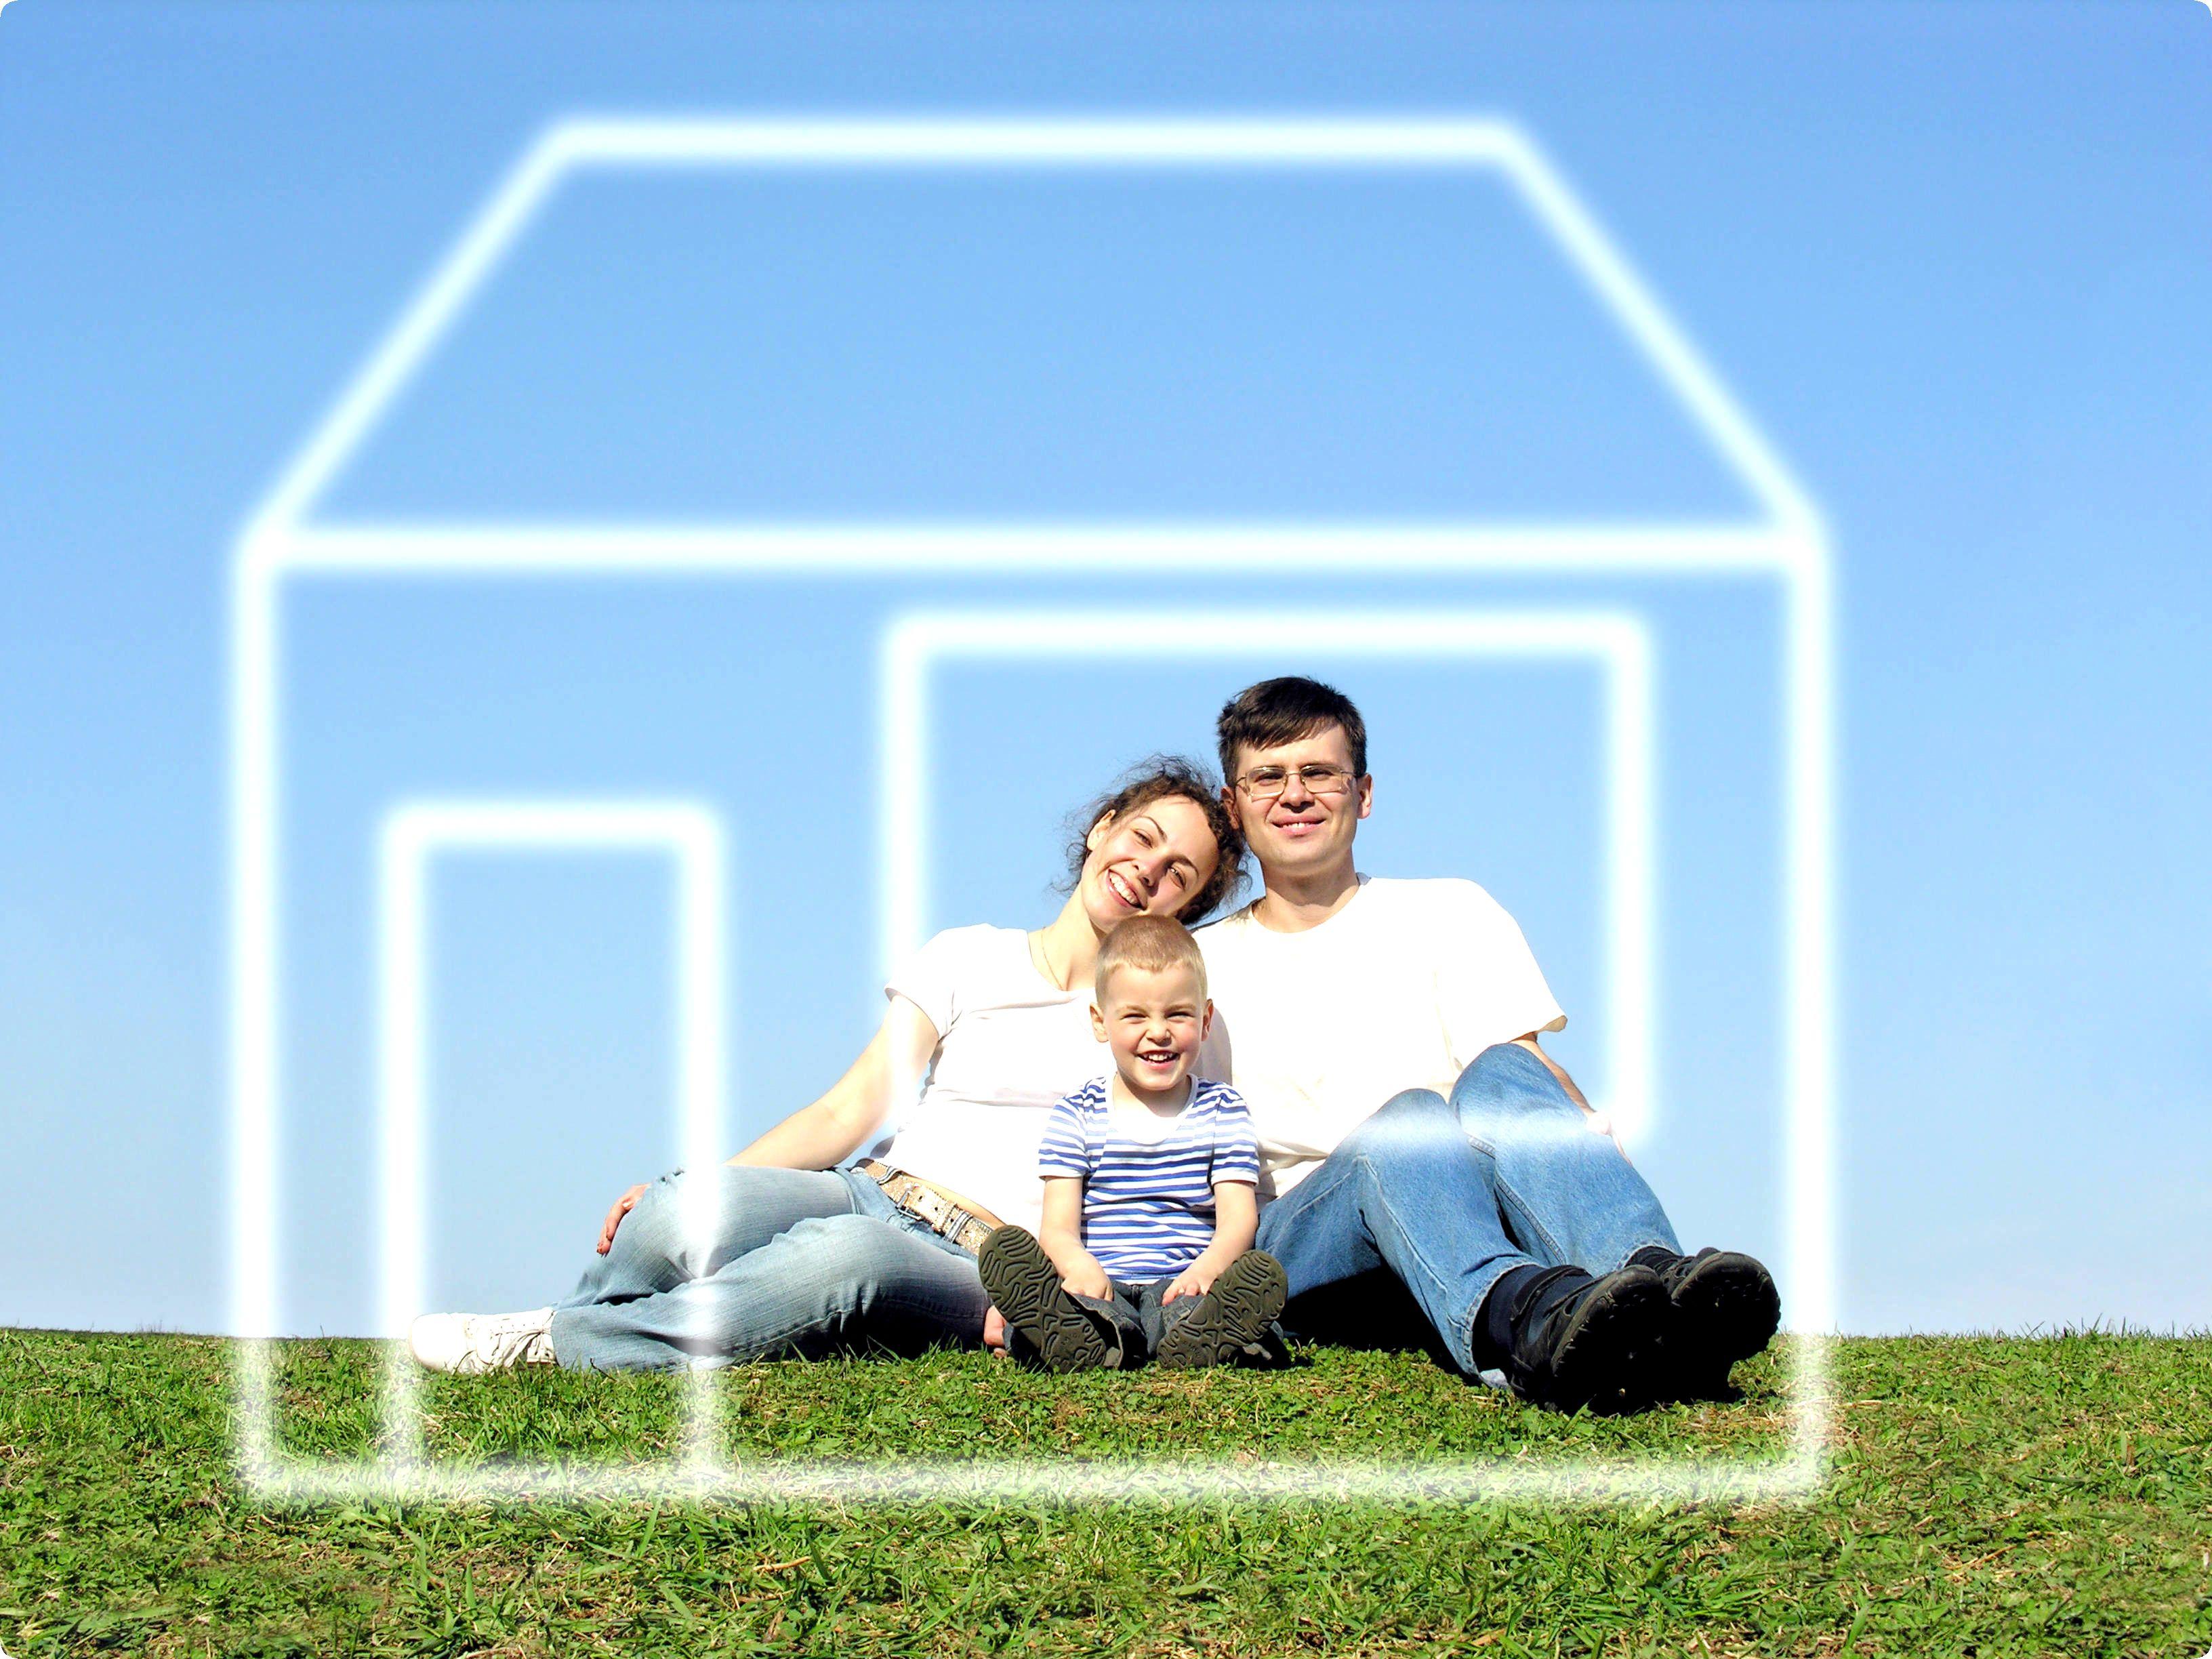 ипотека в иркутске для молодой семьи быстро стих